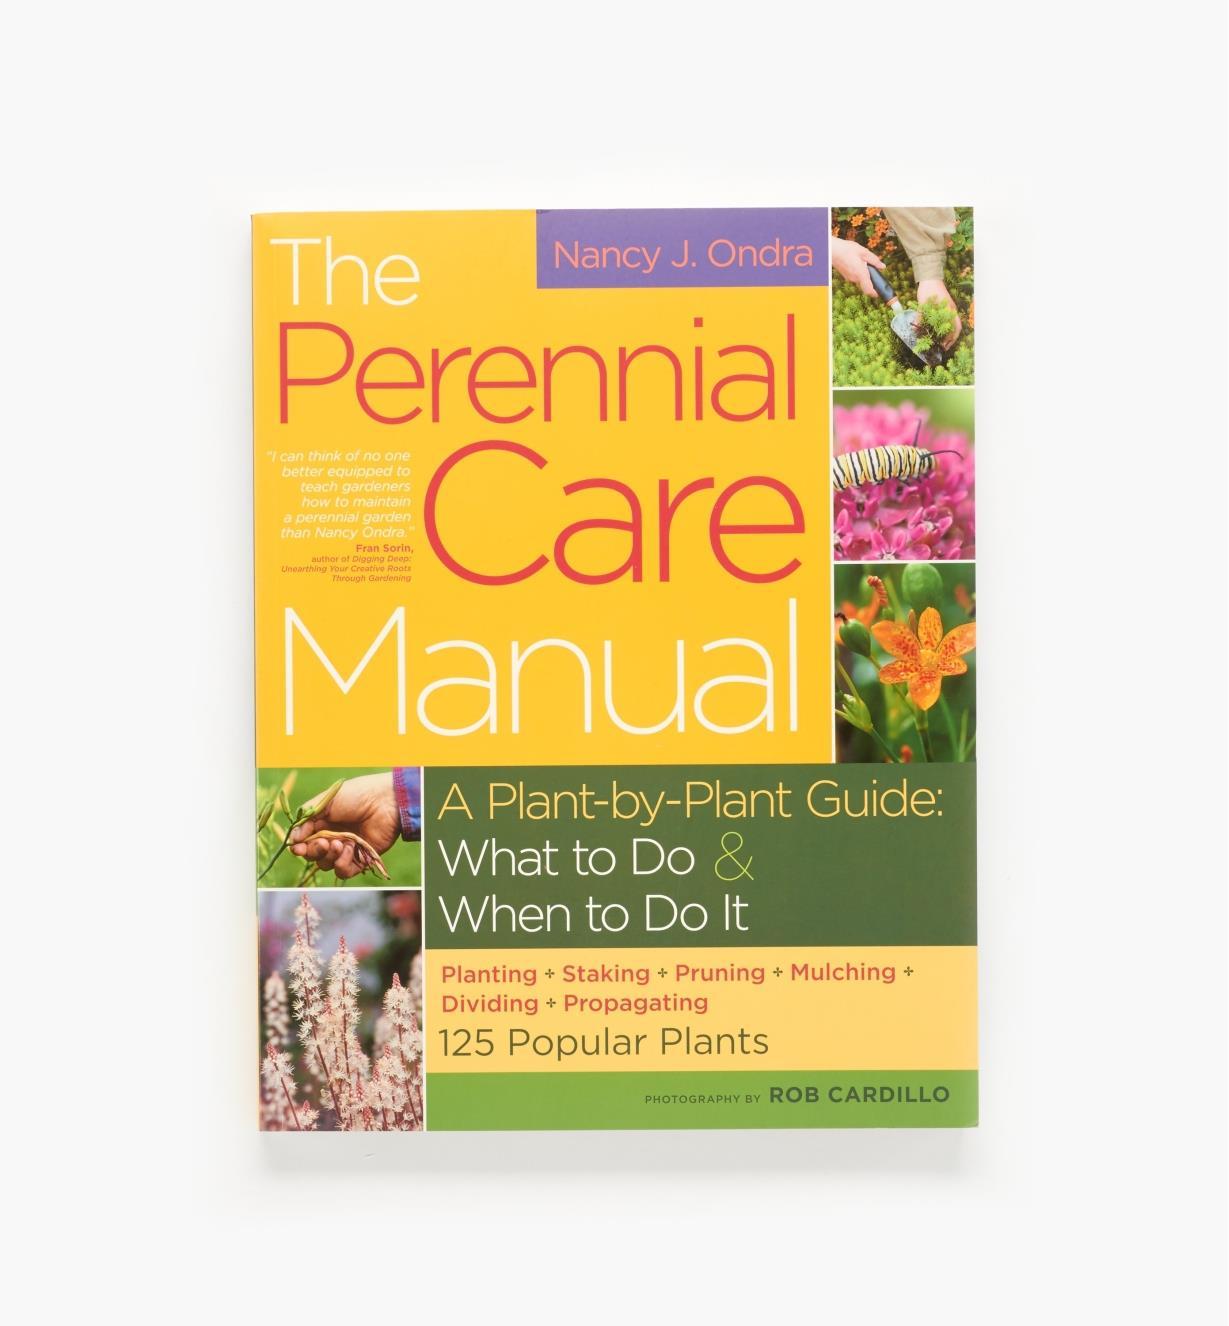 LA934 - The Perennial Care Manual